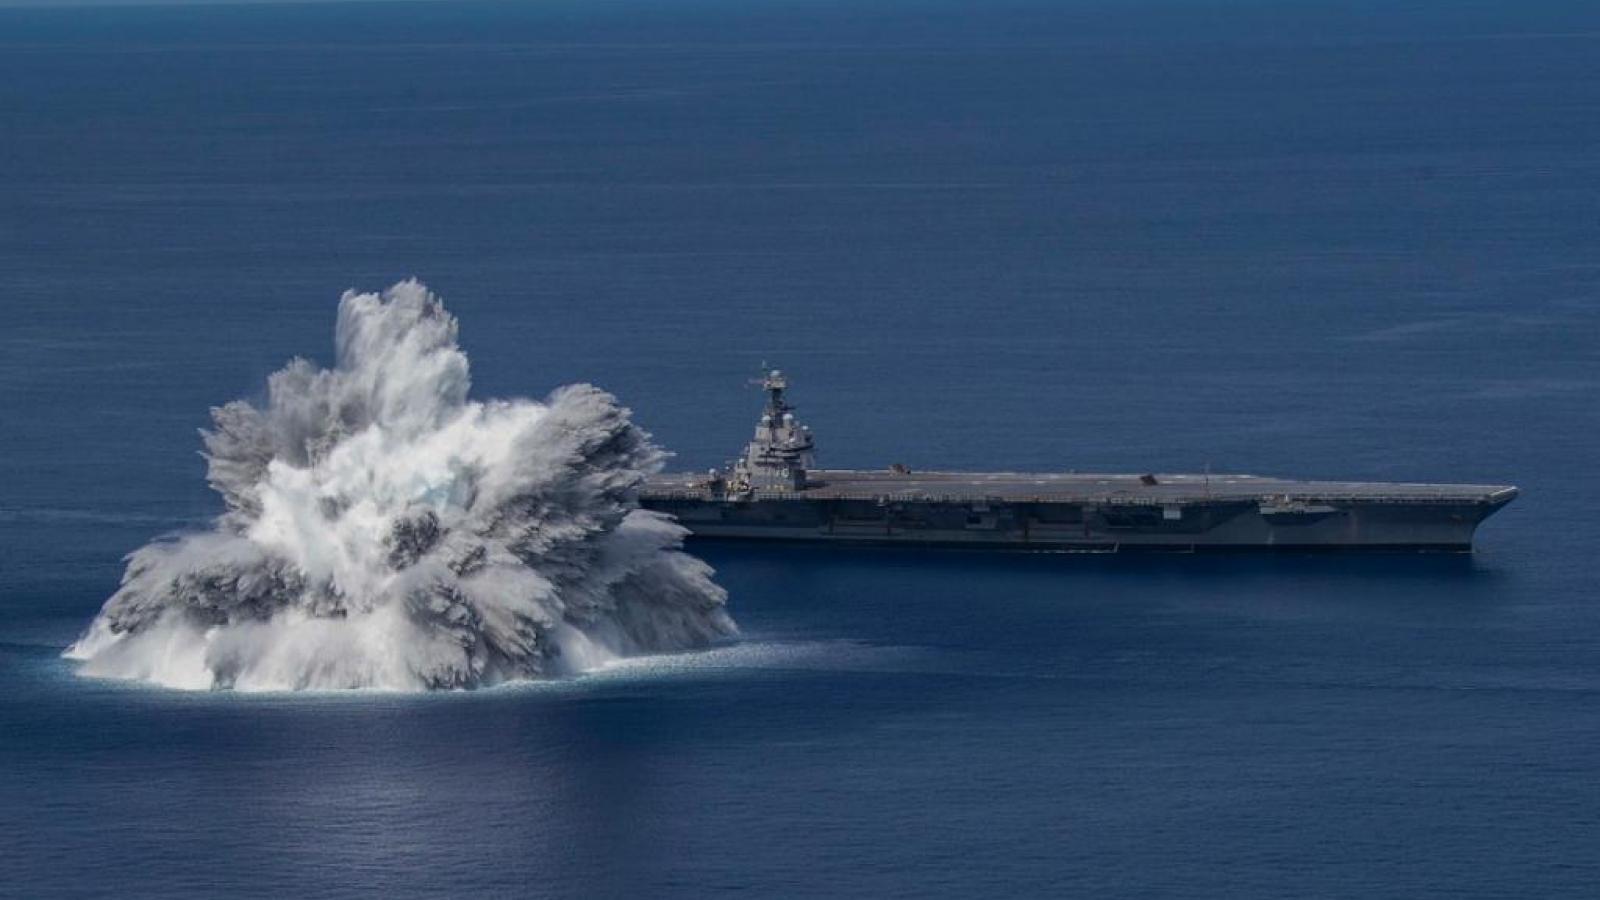 Hải quân Mỹ kích nổ trên biển, thử nghiệm khả năng chống sốc của tàu sân bay mới